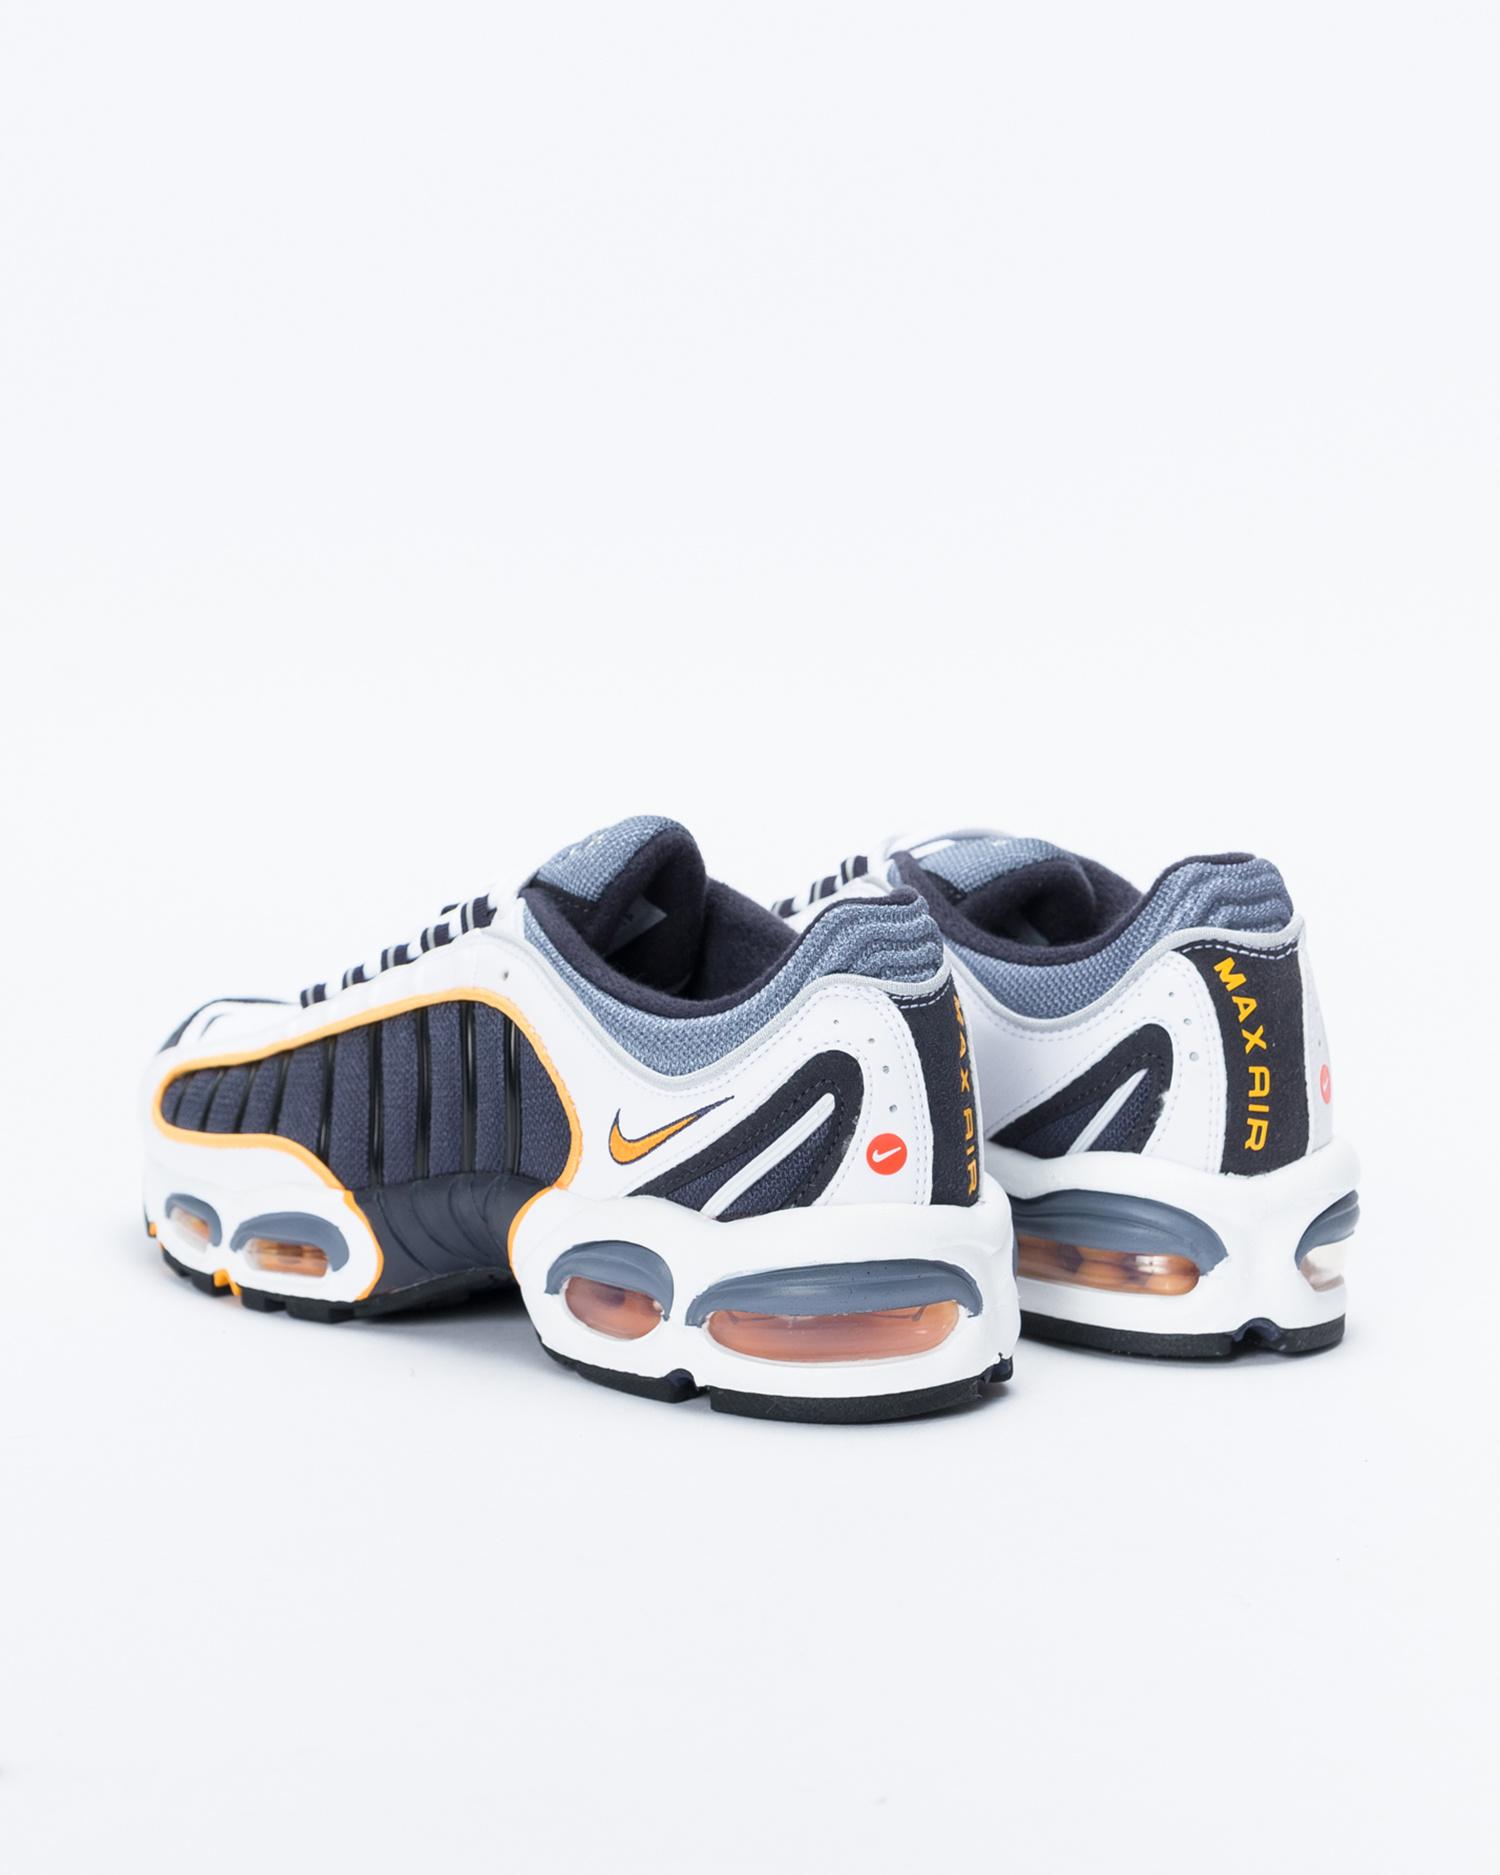 Nike Air Max Tailwind IV  metro grey/white-resin-white